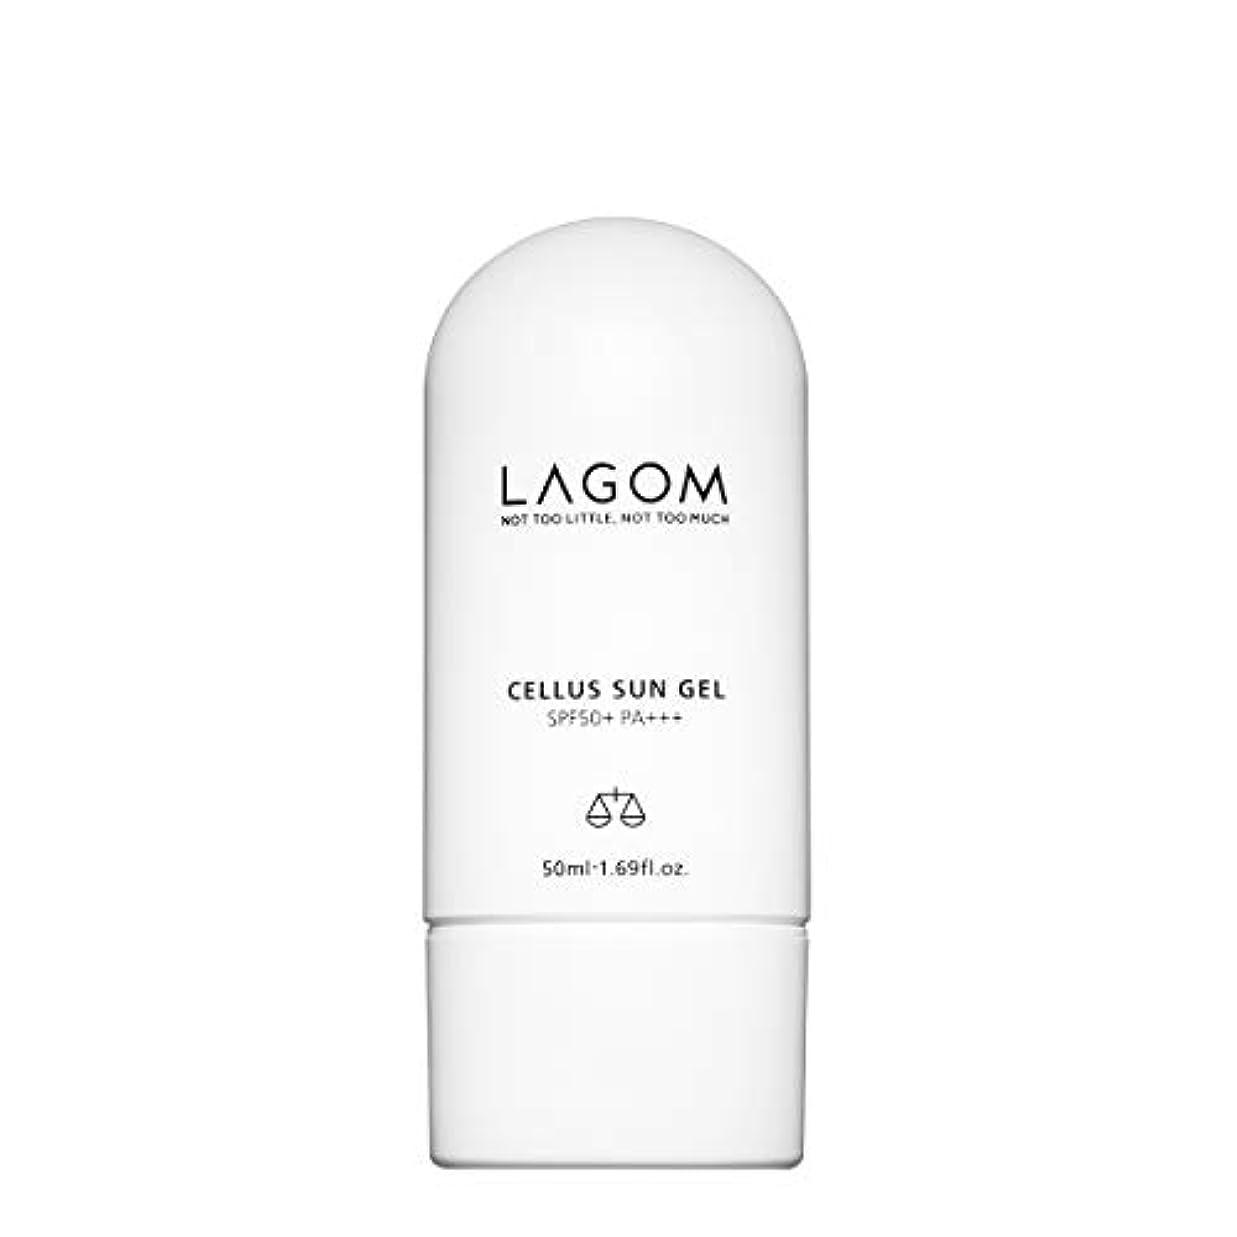 びっくり約製作LAGOM(ラゴム) ラゴム サンジェル 50ml (日焼け止め乳液) SPF50+/PA+++ 日本正規品